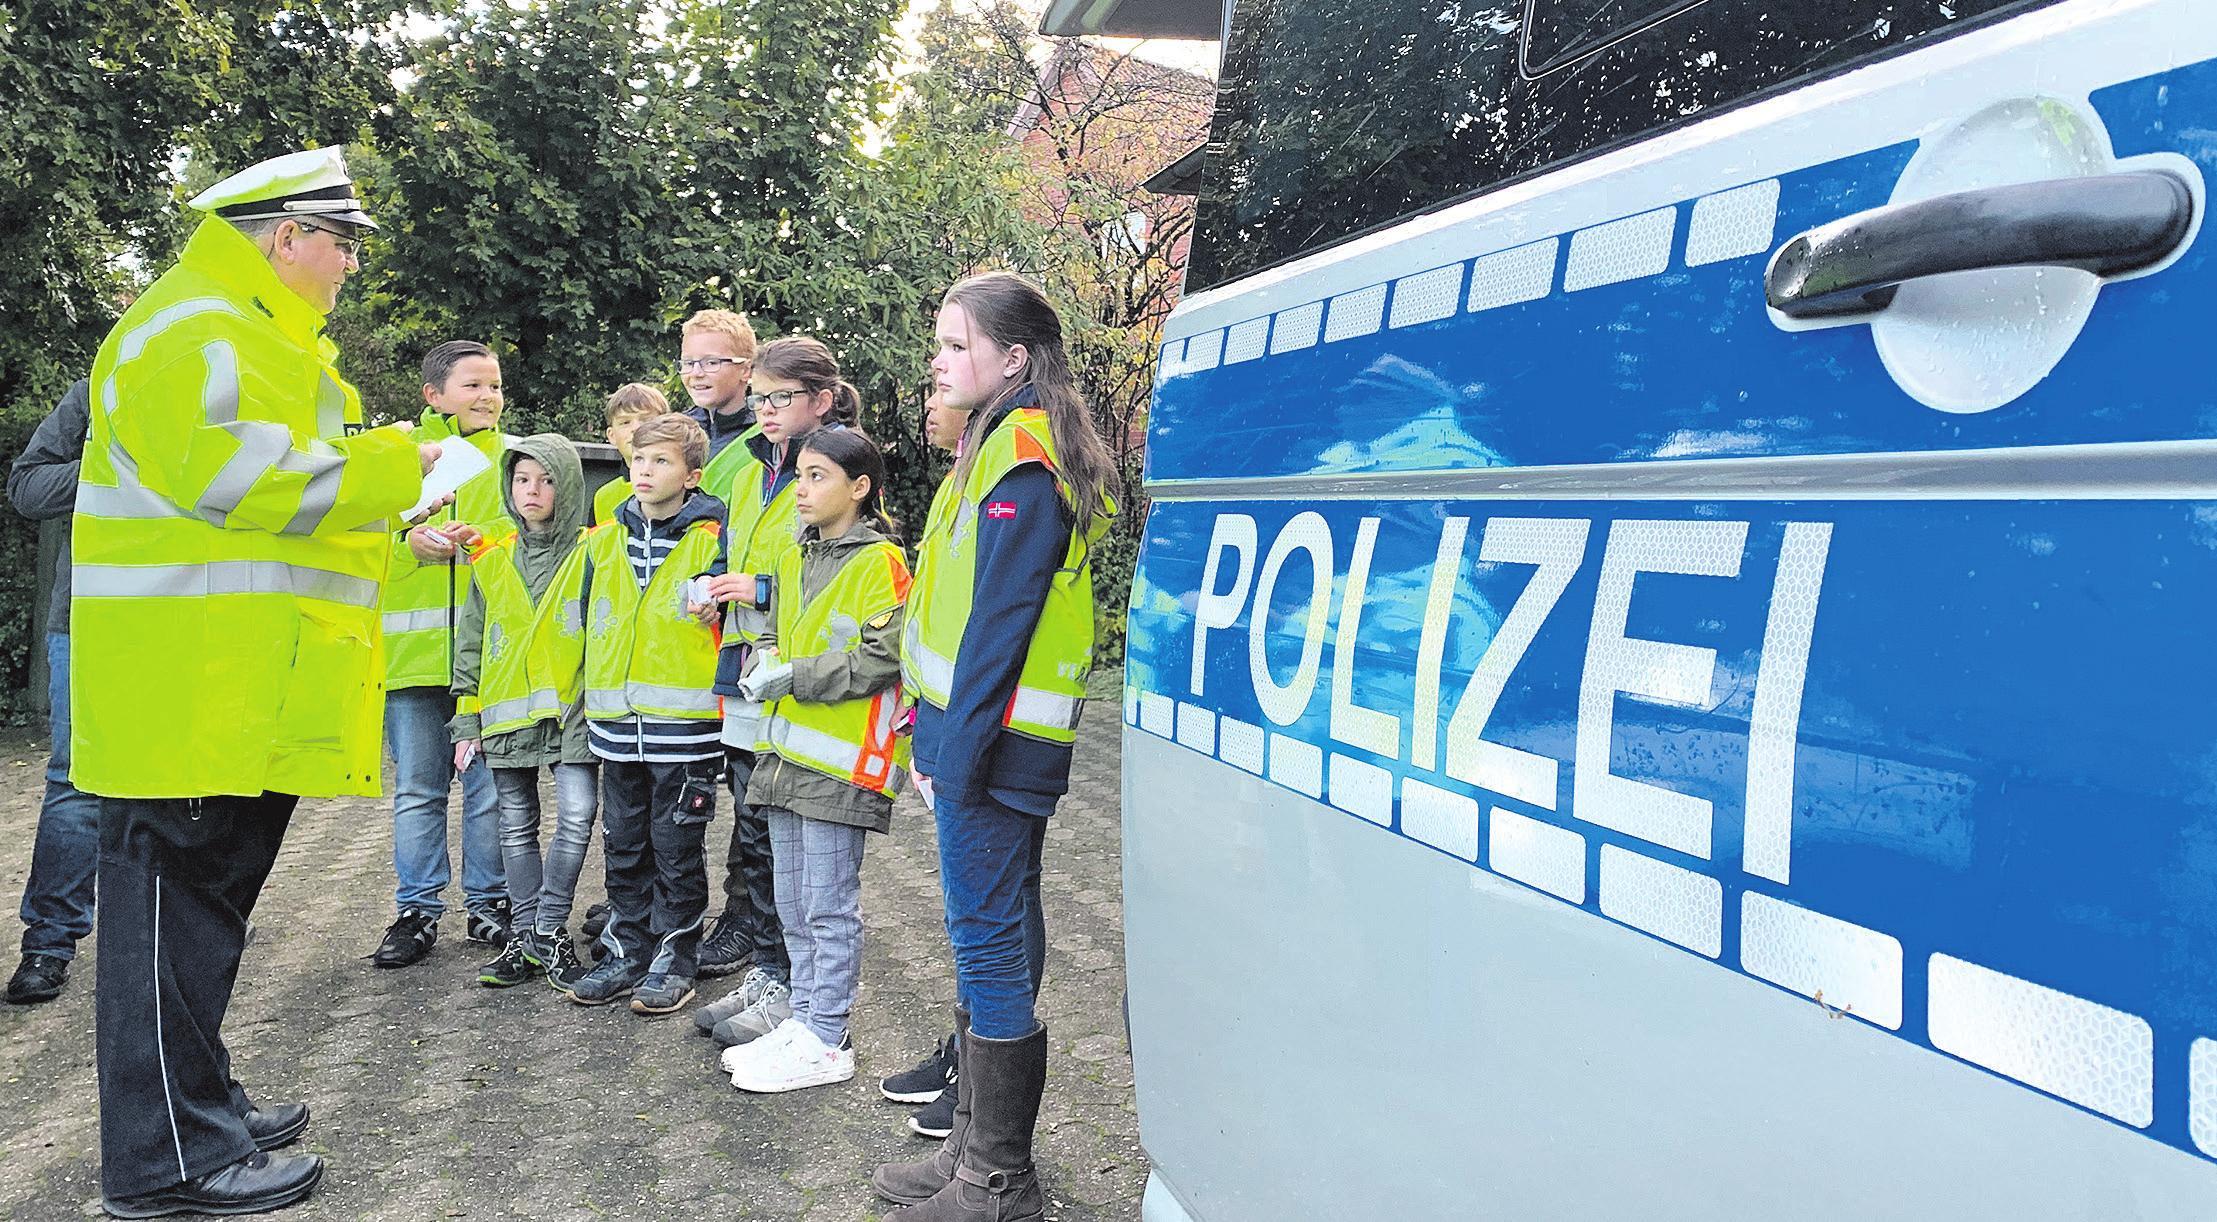 Verkehrssicherheitsberater Karsten Wiechmann mit den Schülern. Foto: Polizei